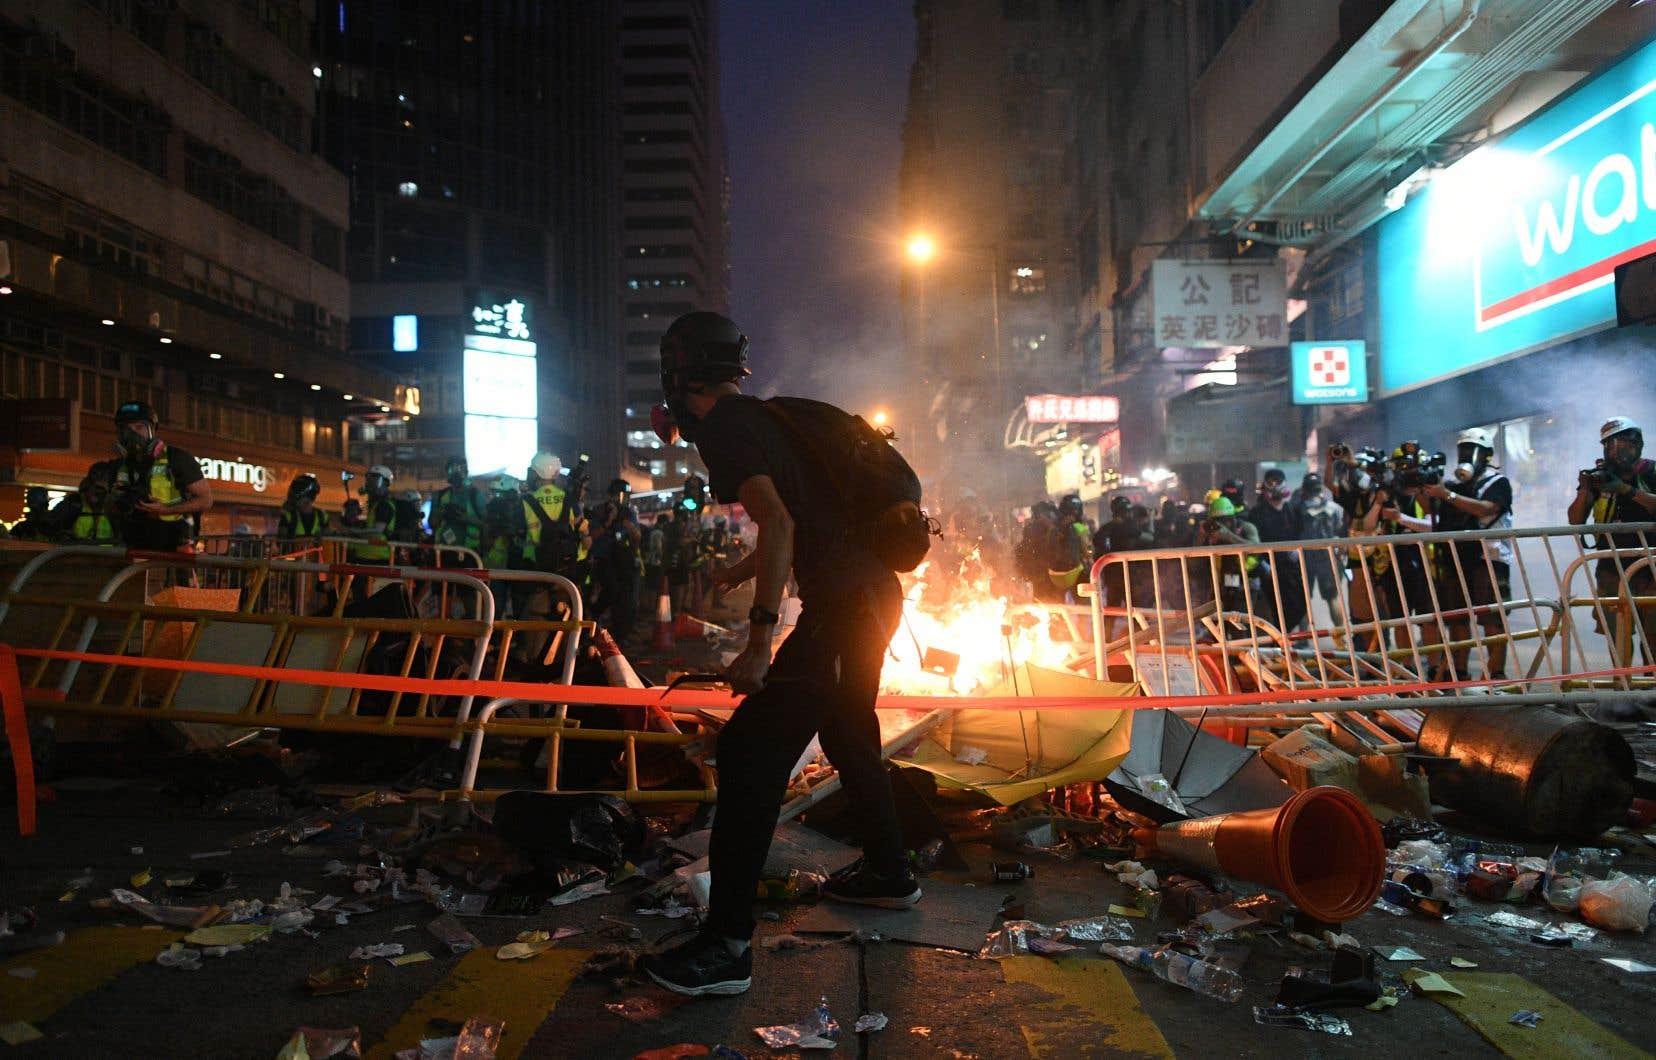 Desaffrontements ont éclaté après que des manifestants en colère ont encerclé et chahuté les forces de l'ordre qui ont procédé à des fouilles avant d'interpeller certains participants.